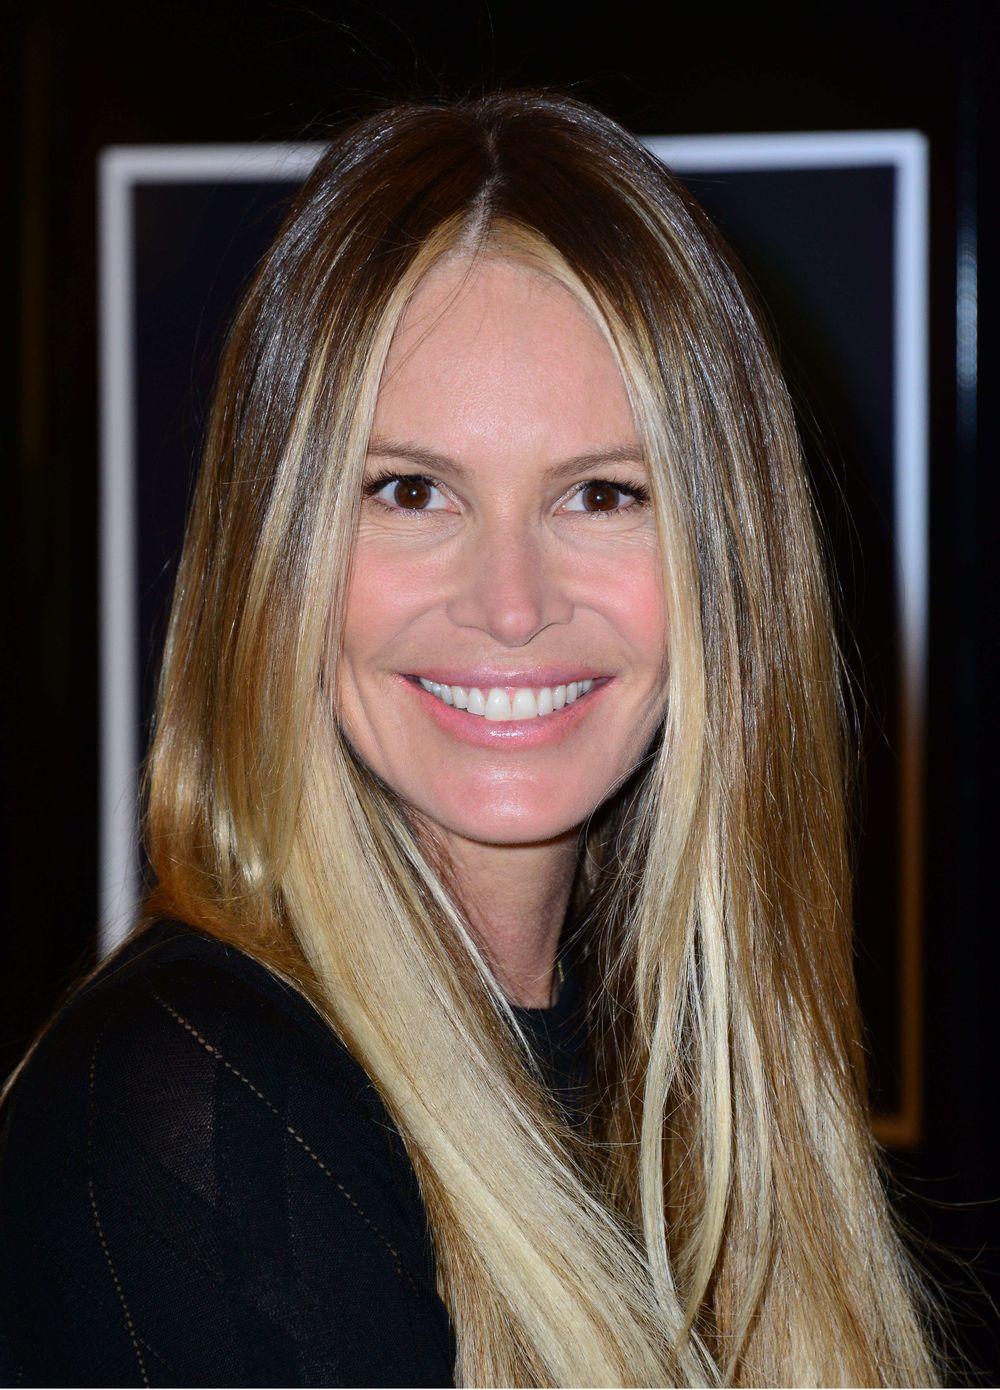 Топ-модель Эль Макферсон станет матерью в 51 год